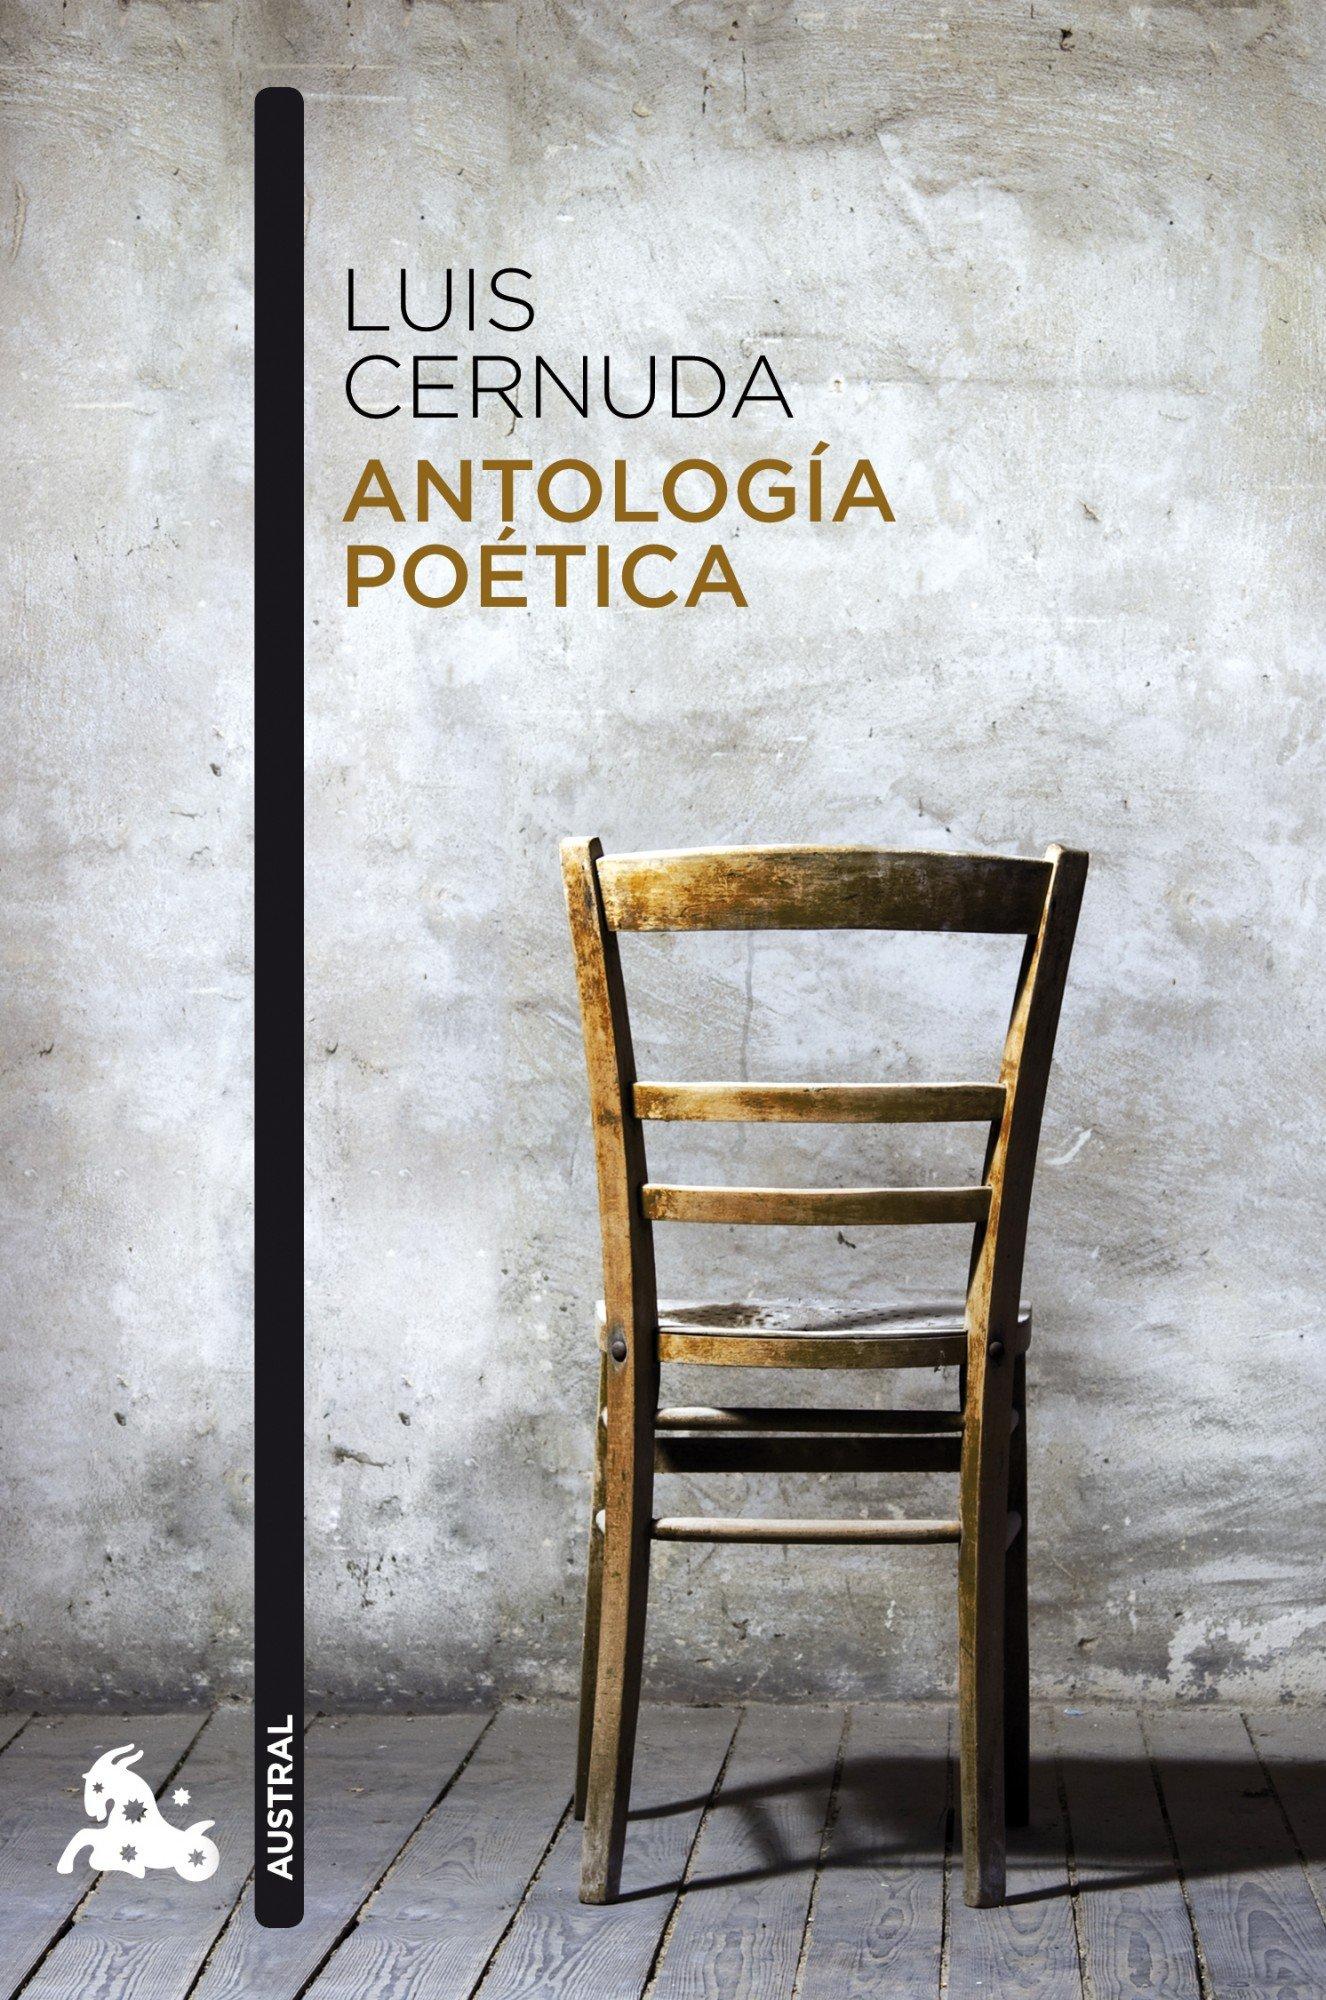 Antología poética (Contemporánea): Amazon.es: Cernuda, Luis: Libros